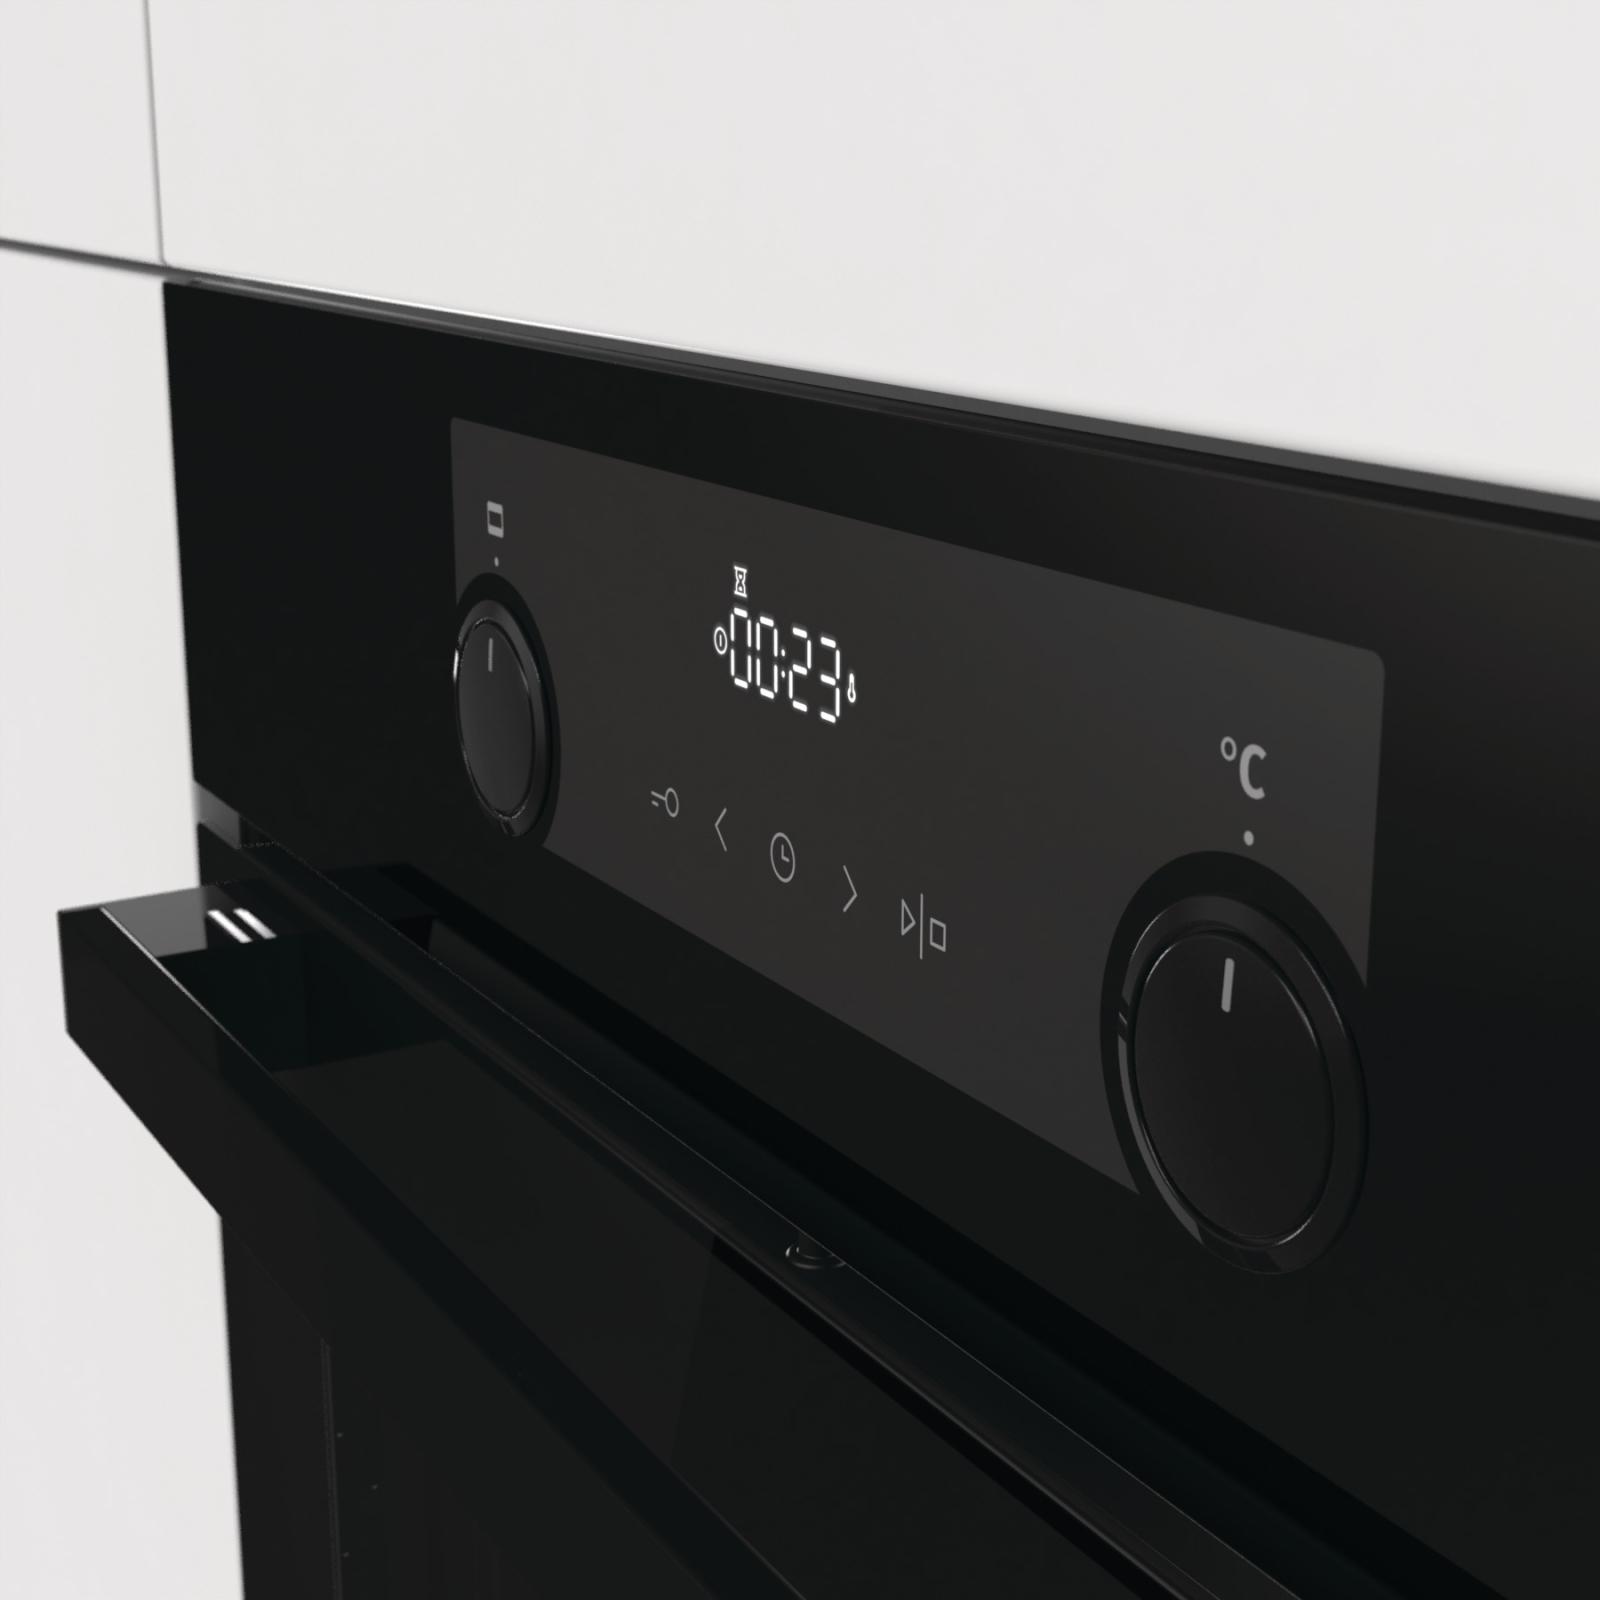 Духовой шкаф Gorenje BO 735 E32BG-2 изображение 4